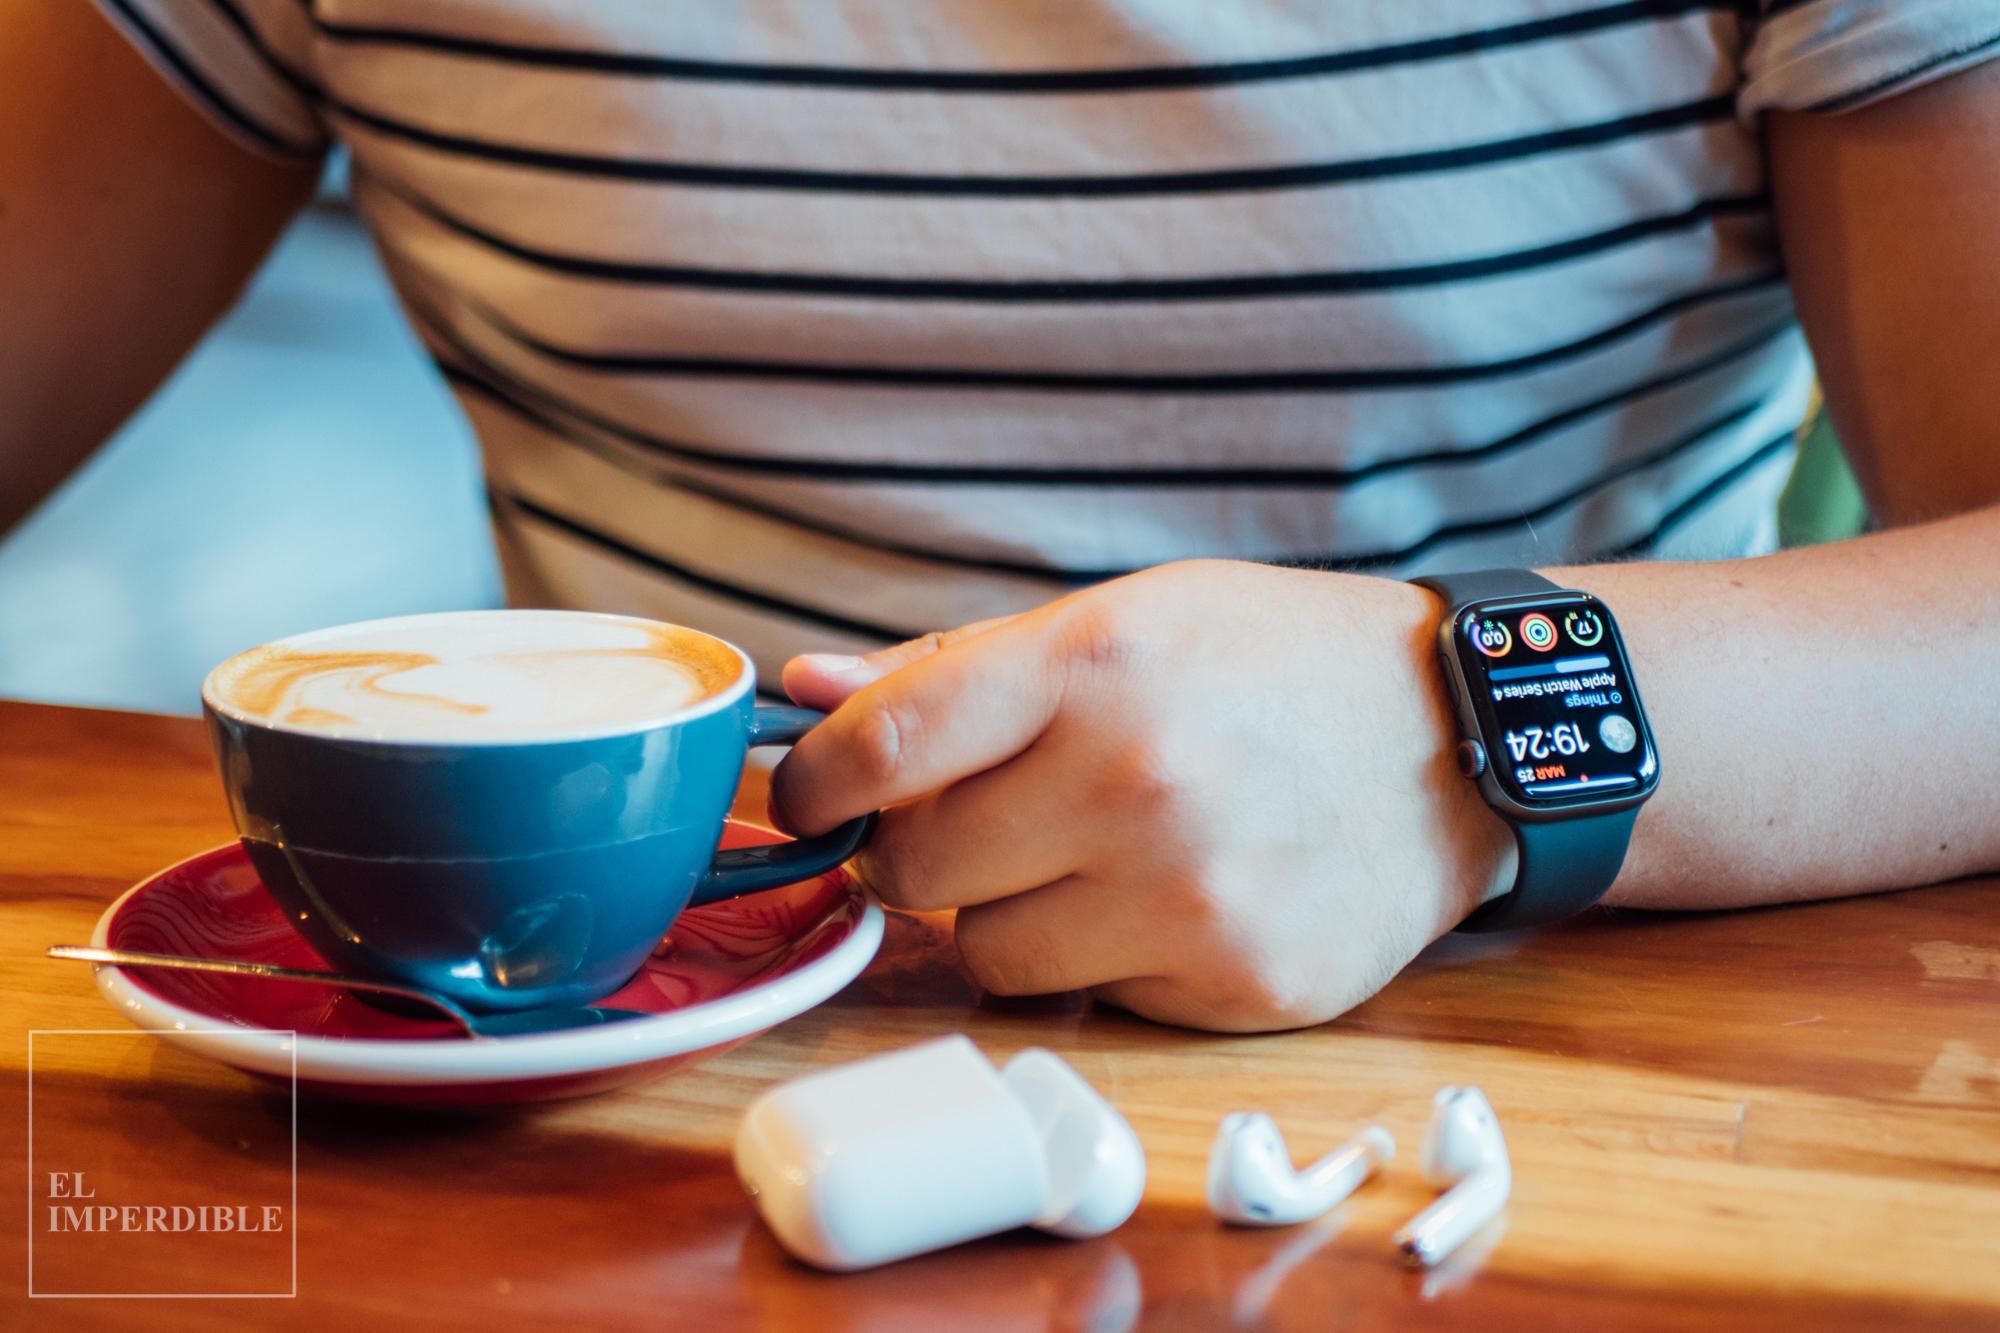 merece la pena comprar el Apple Watch Series 4 con LTE